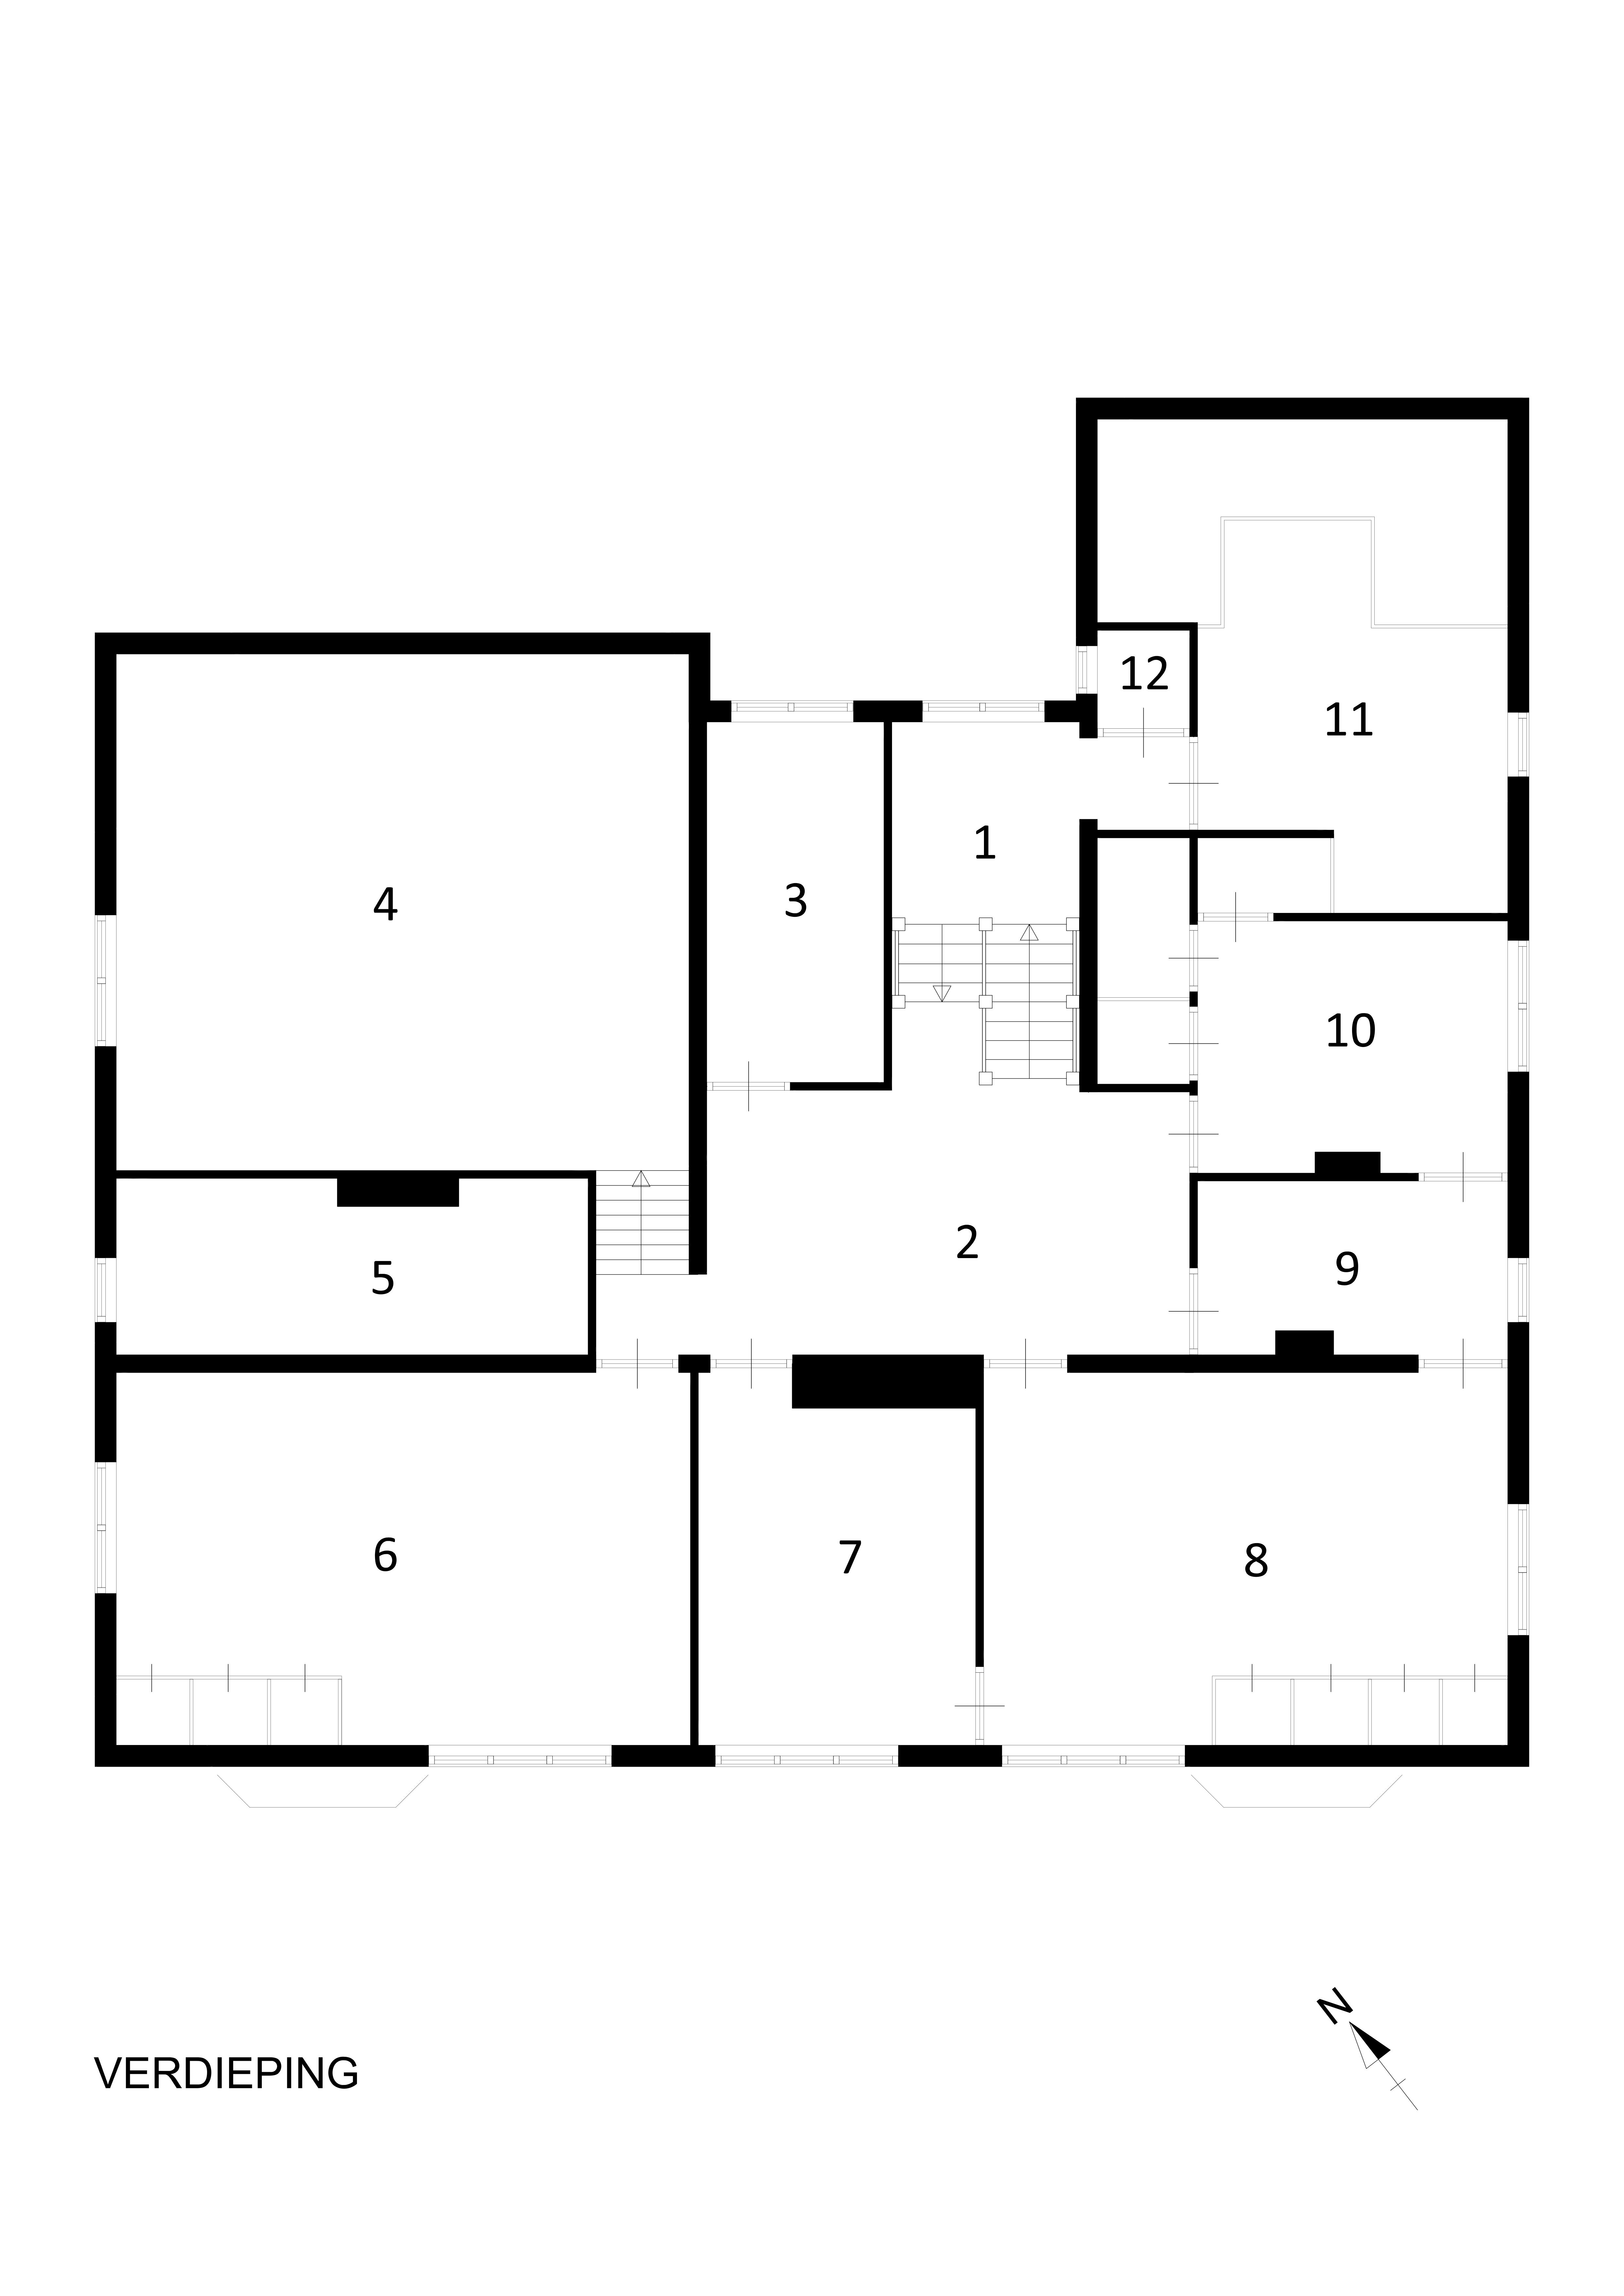 Huis van de weg door johan wilhelm hanrath stichting for Plattegrond woning